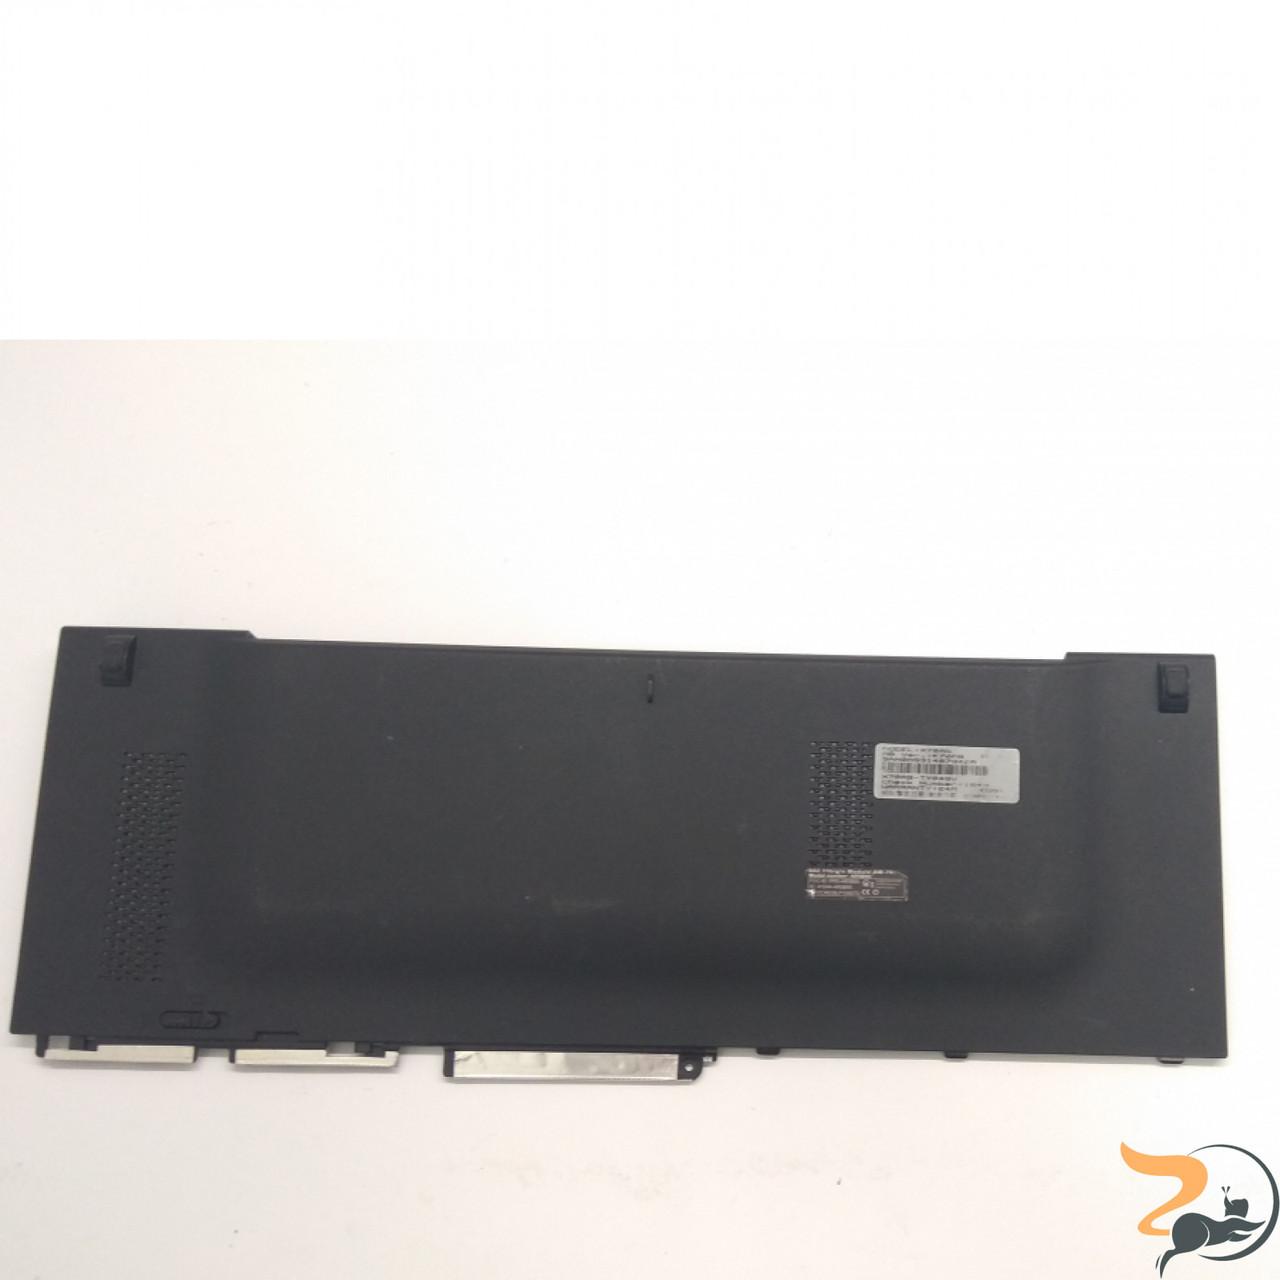 Сервісна кришка для ноутбука ASUS X70AB, 13N0-EZA0301, Б/В